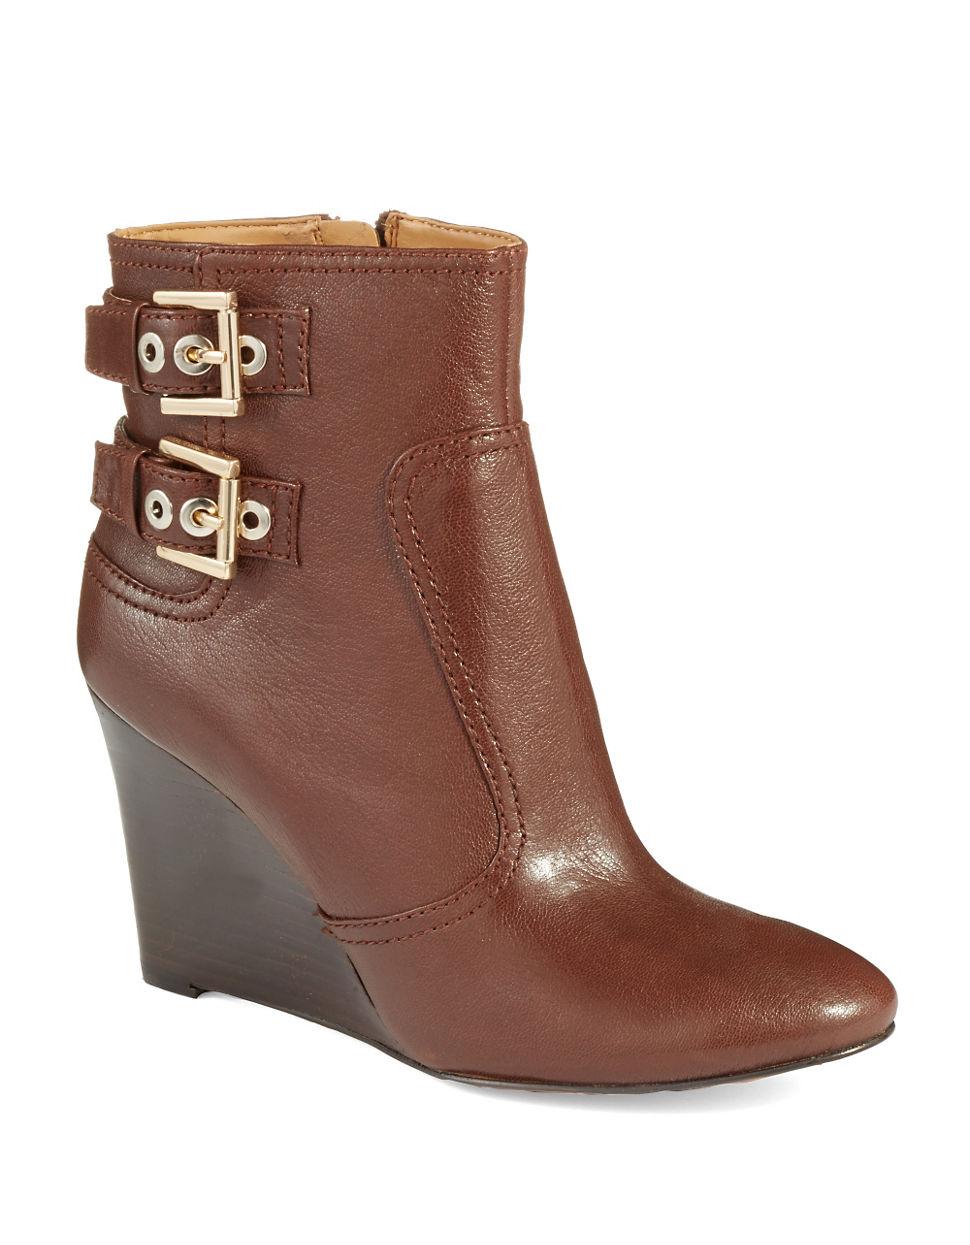 nine west herbert wedge boots in brown lyst